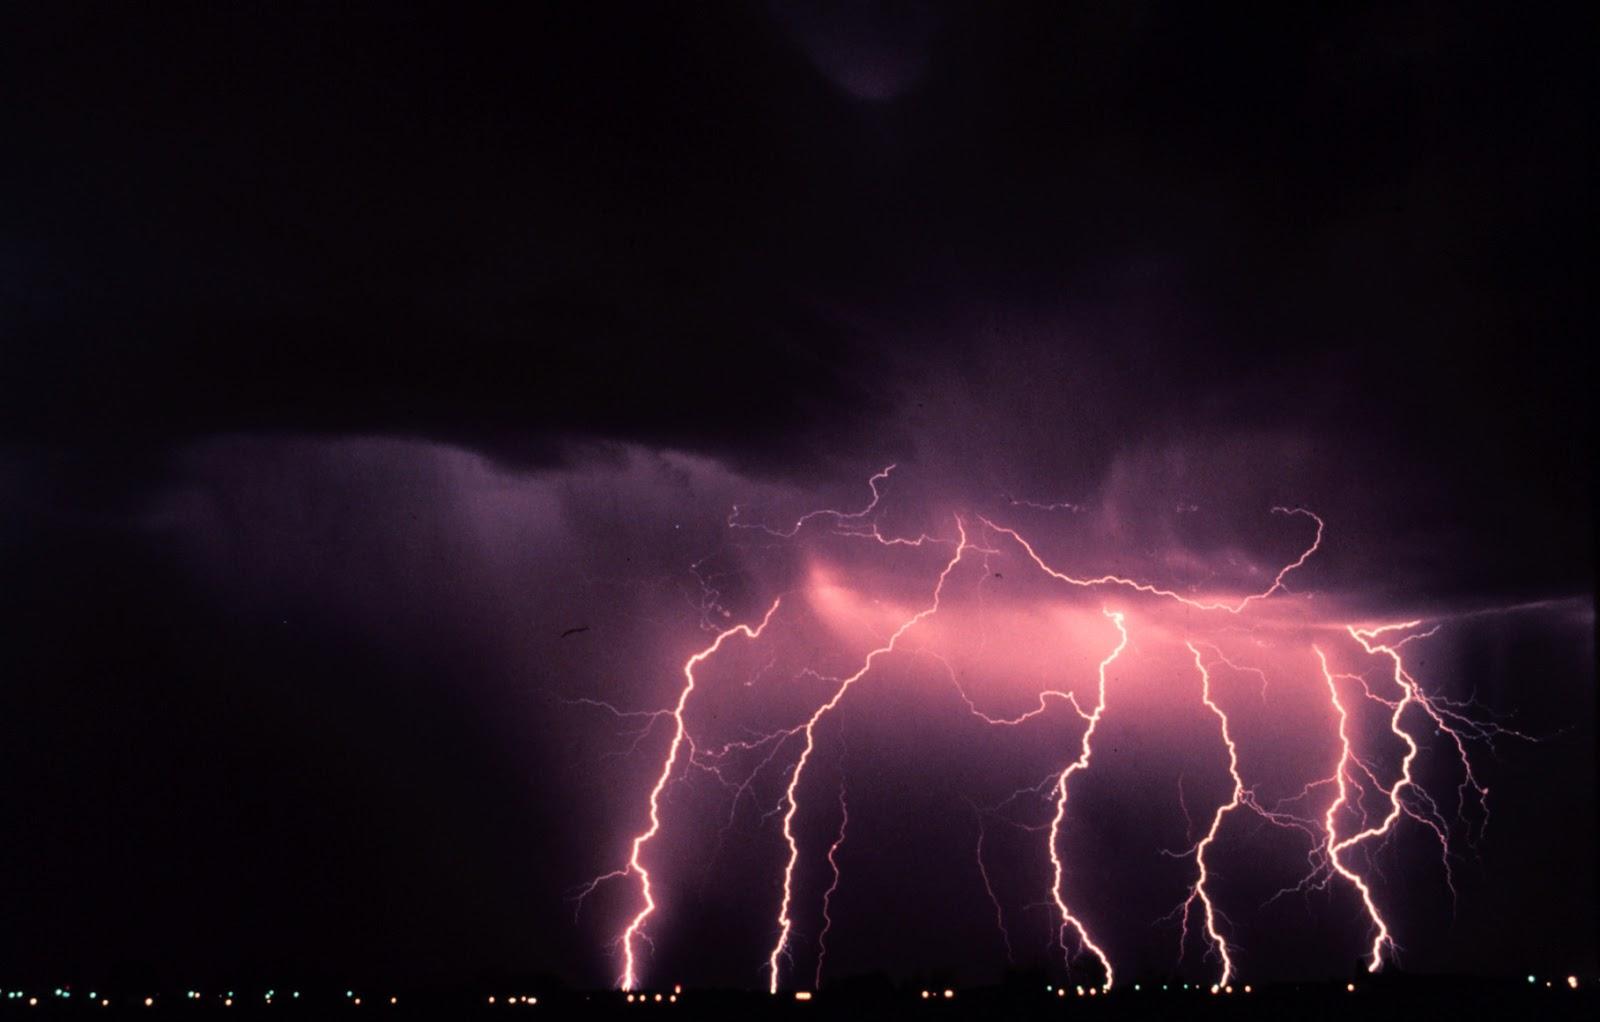 Electricitatea atmosferică este un mister - Pagina 4 150599main_lightning_photo